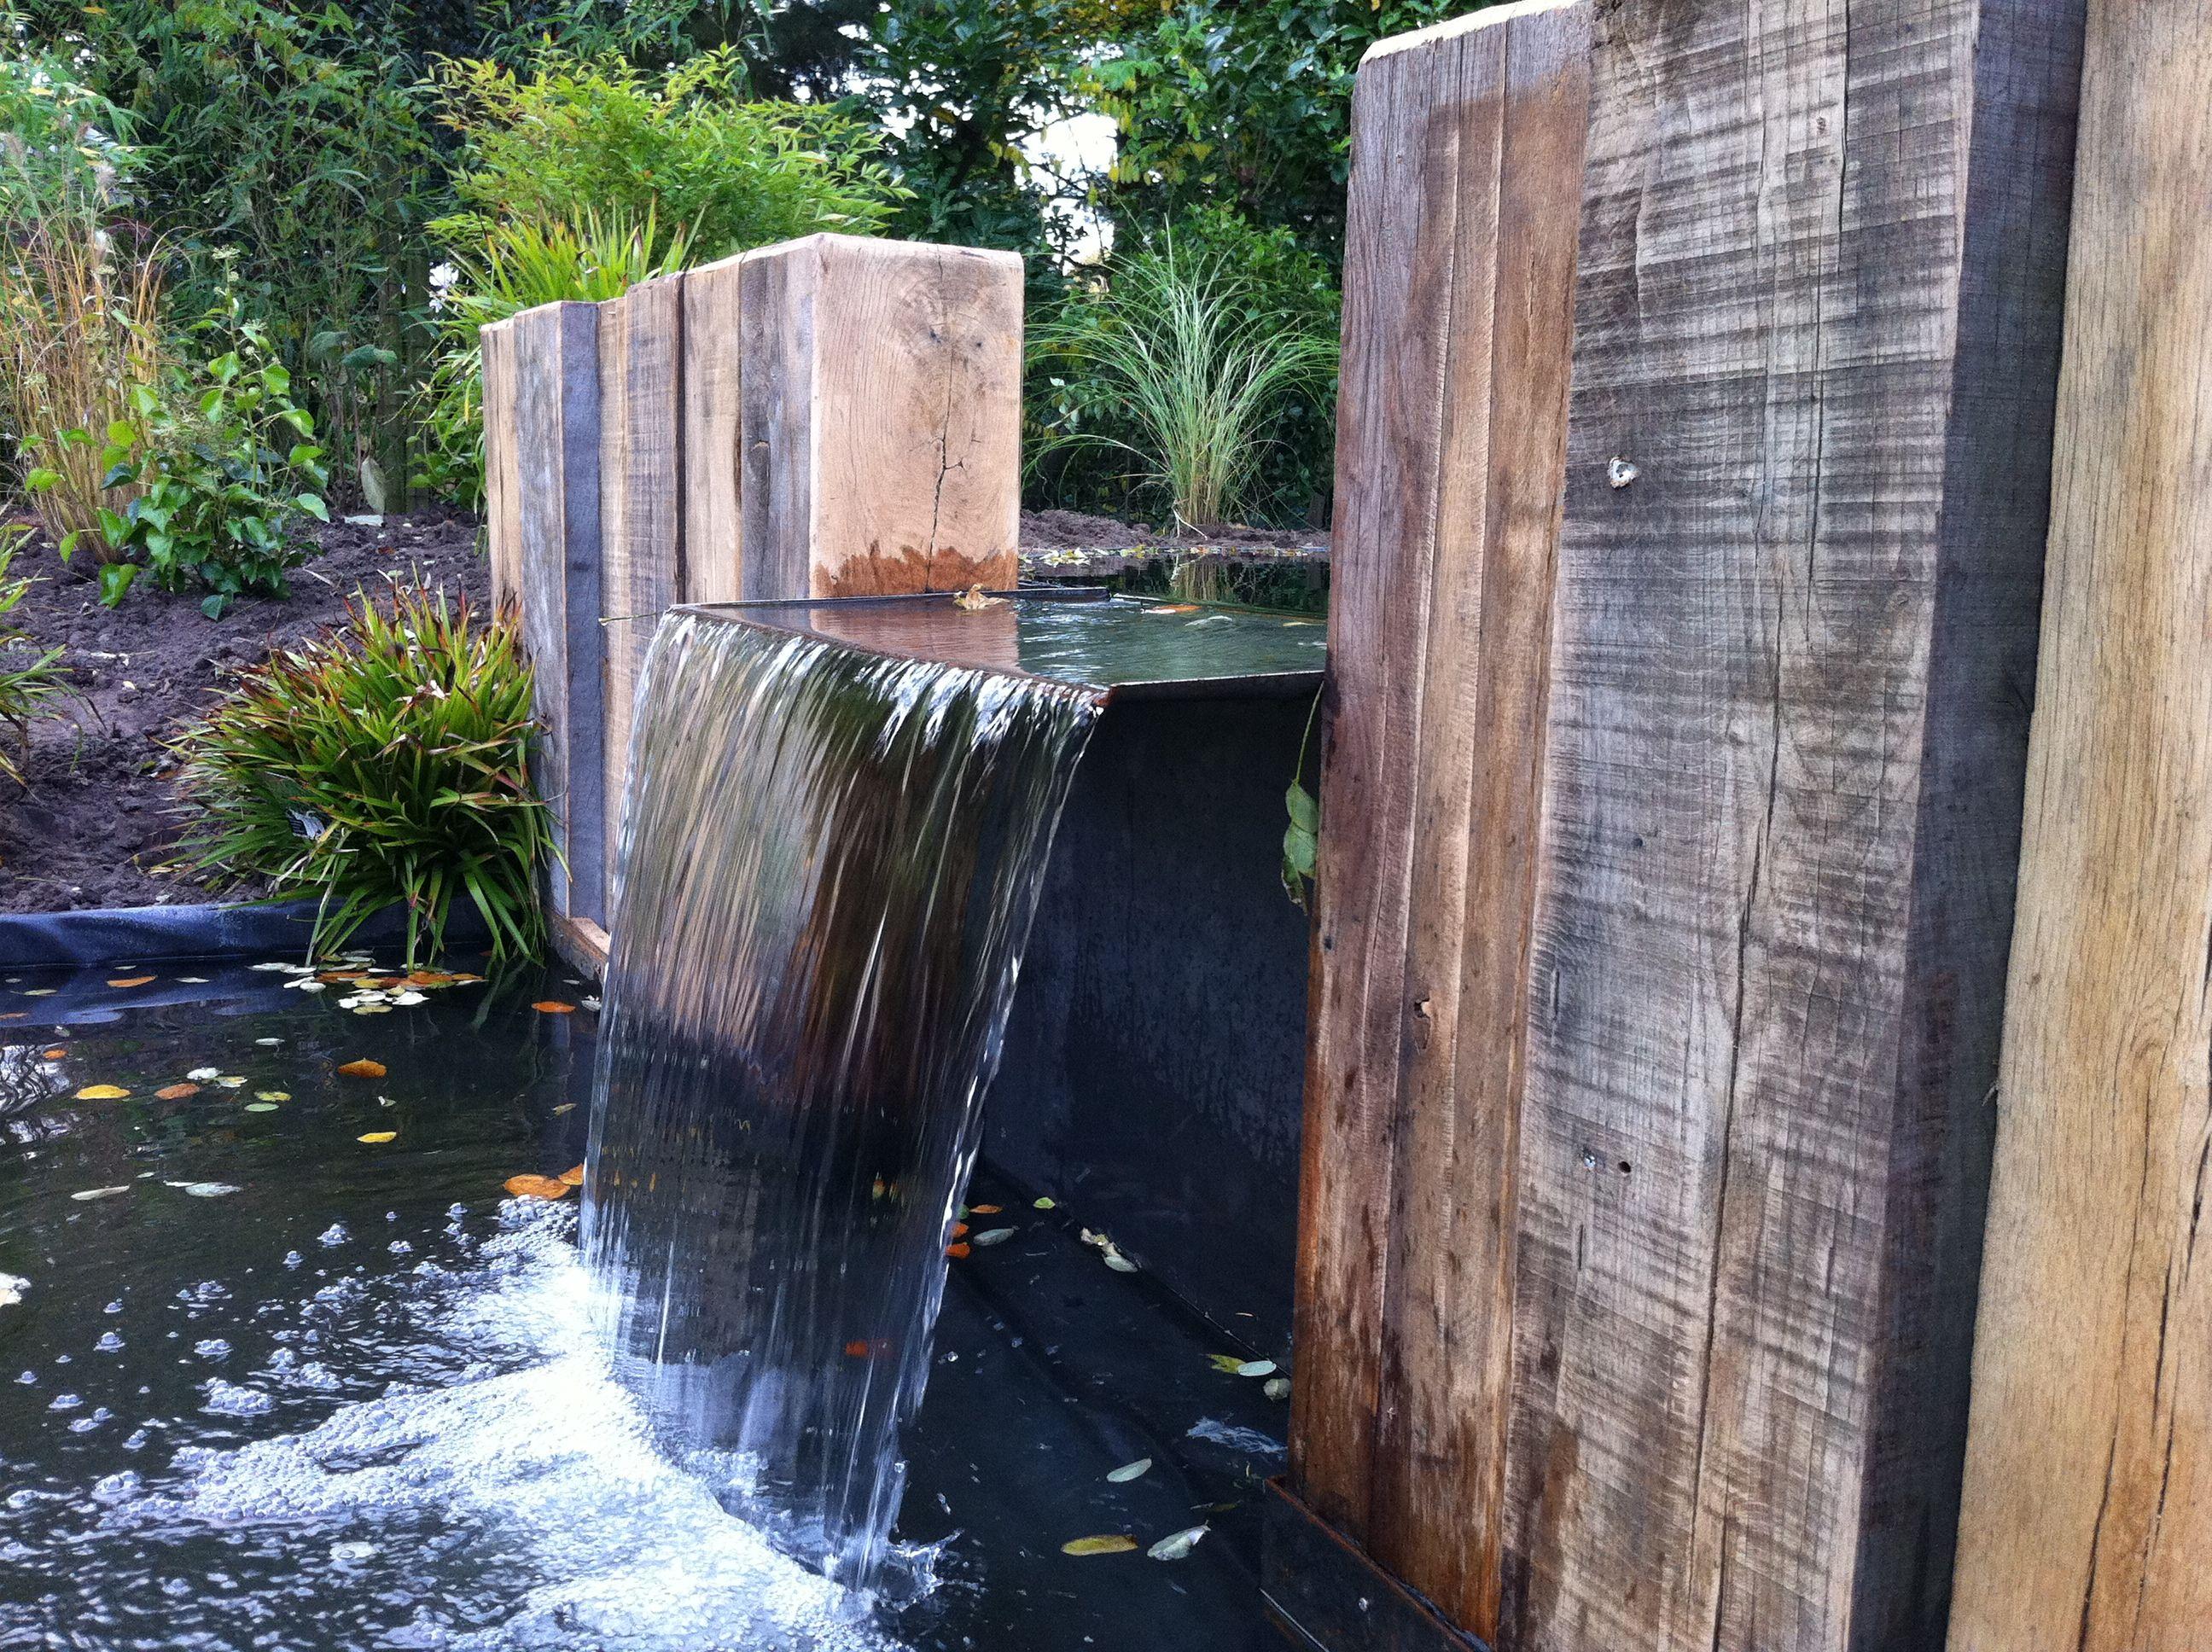 Tuinaanleg maken van een tuin met vijver en overkapping for Spiegelvijver maken